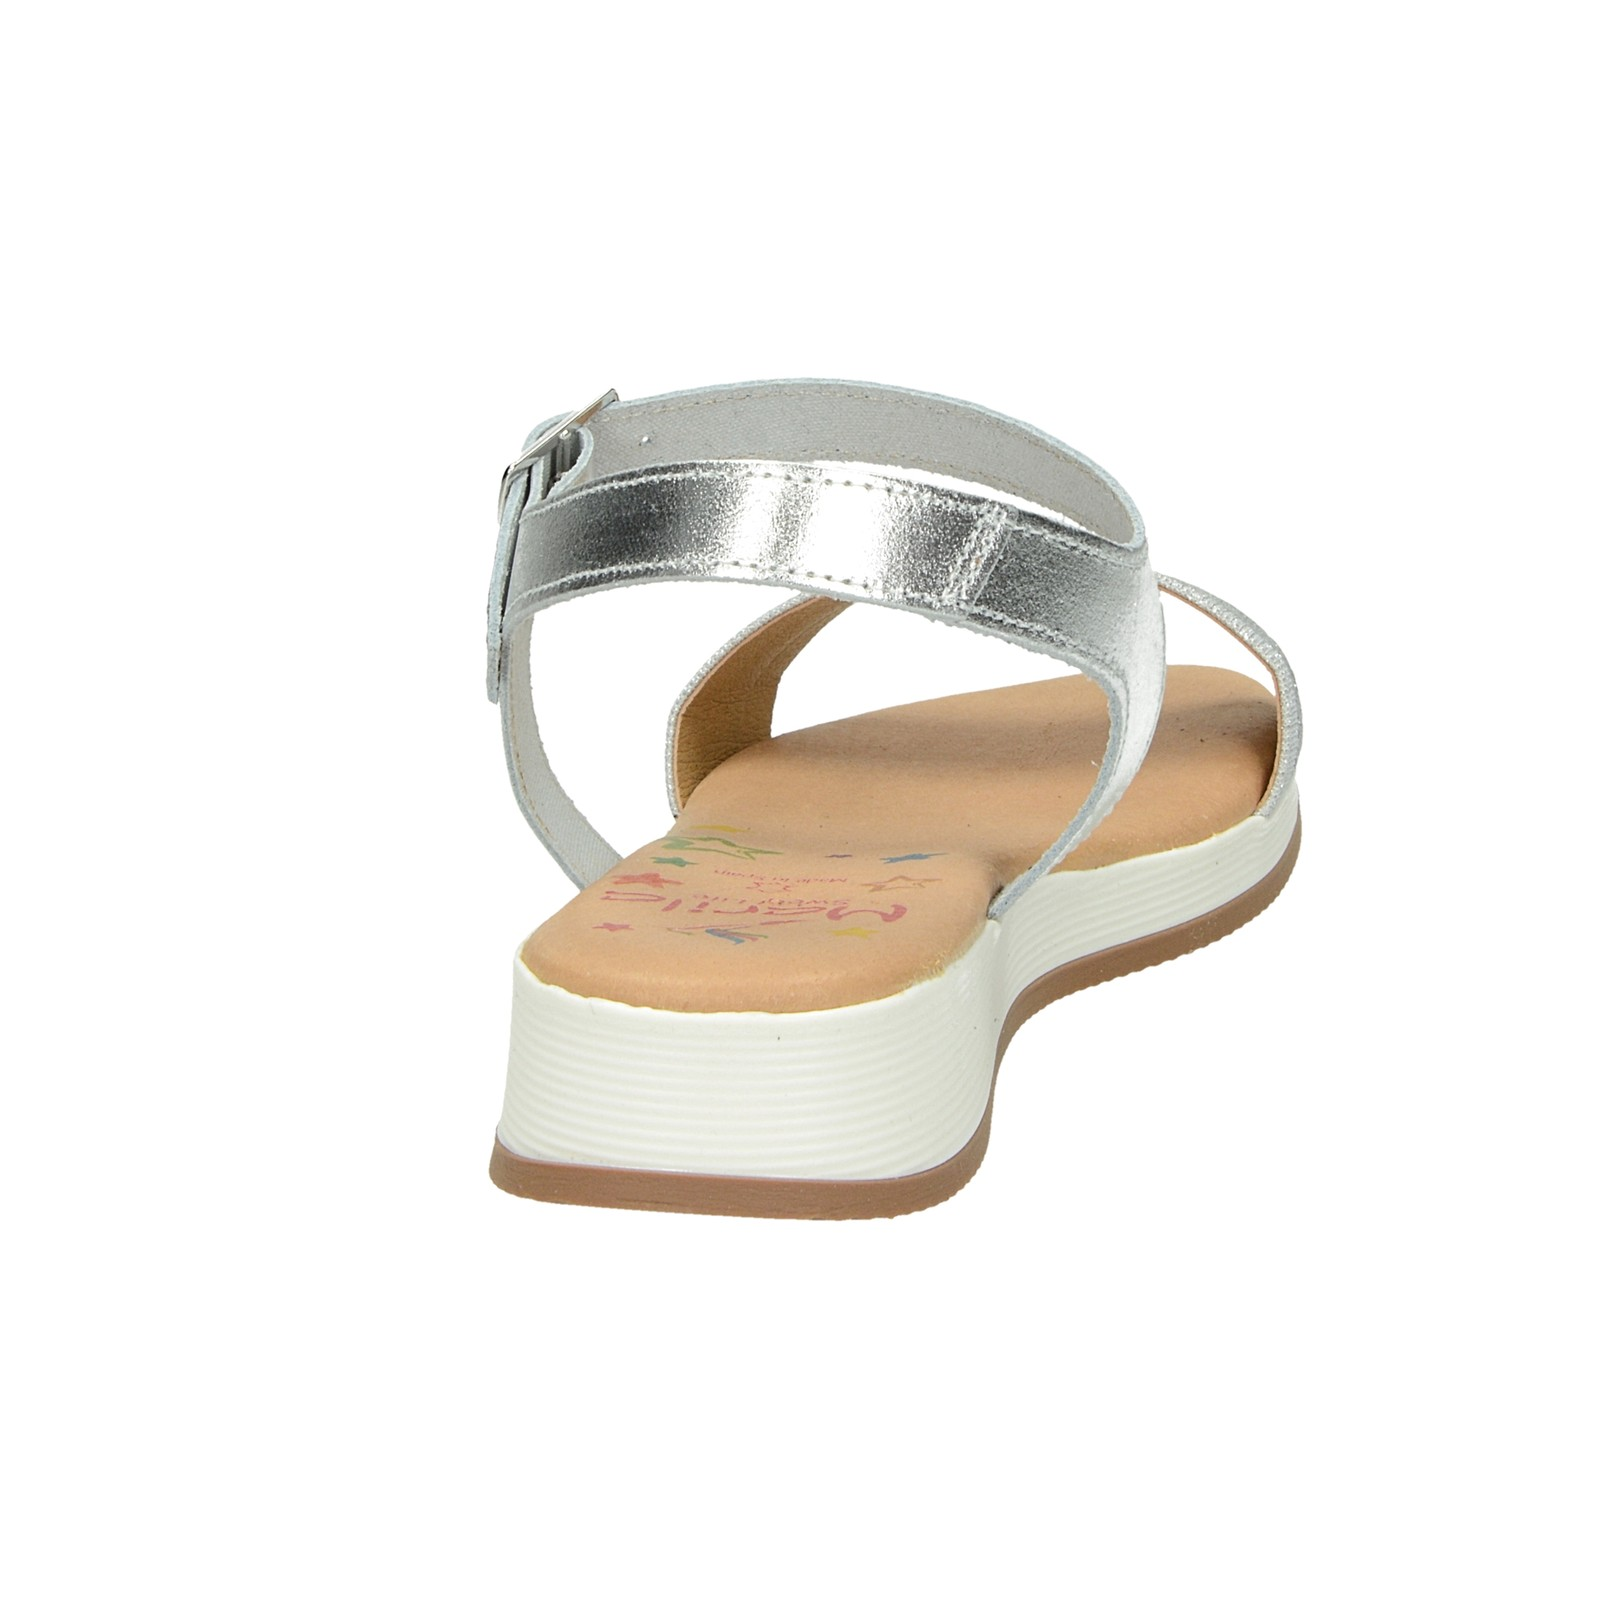 75d28f75e924 ... Marila dámske štýlové kožené sandále - strieborné ...